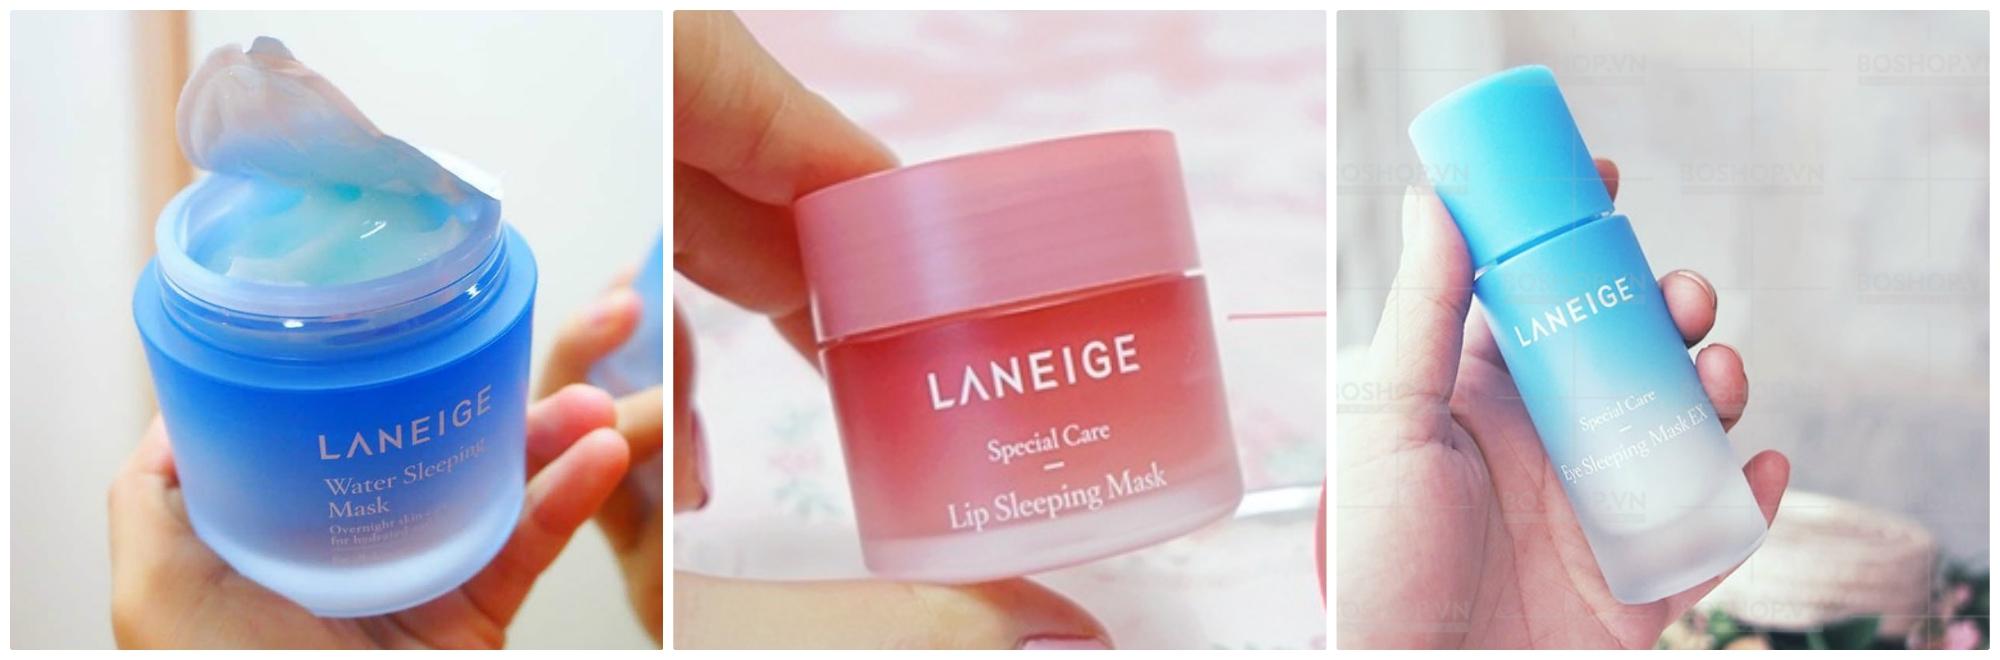 Phân loại mặt nạ ngủ Laneige hiện nay?